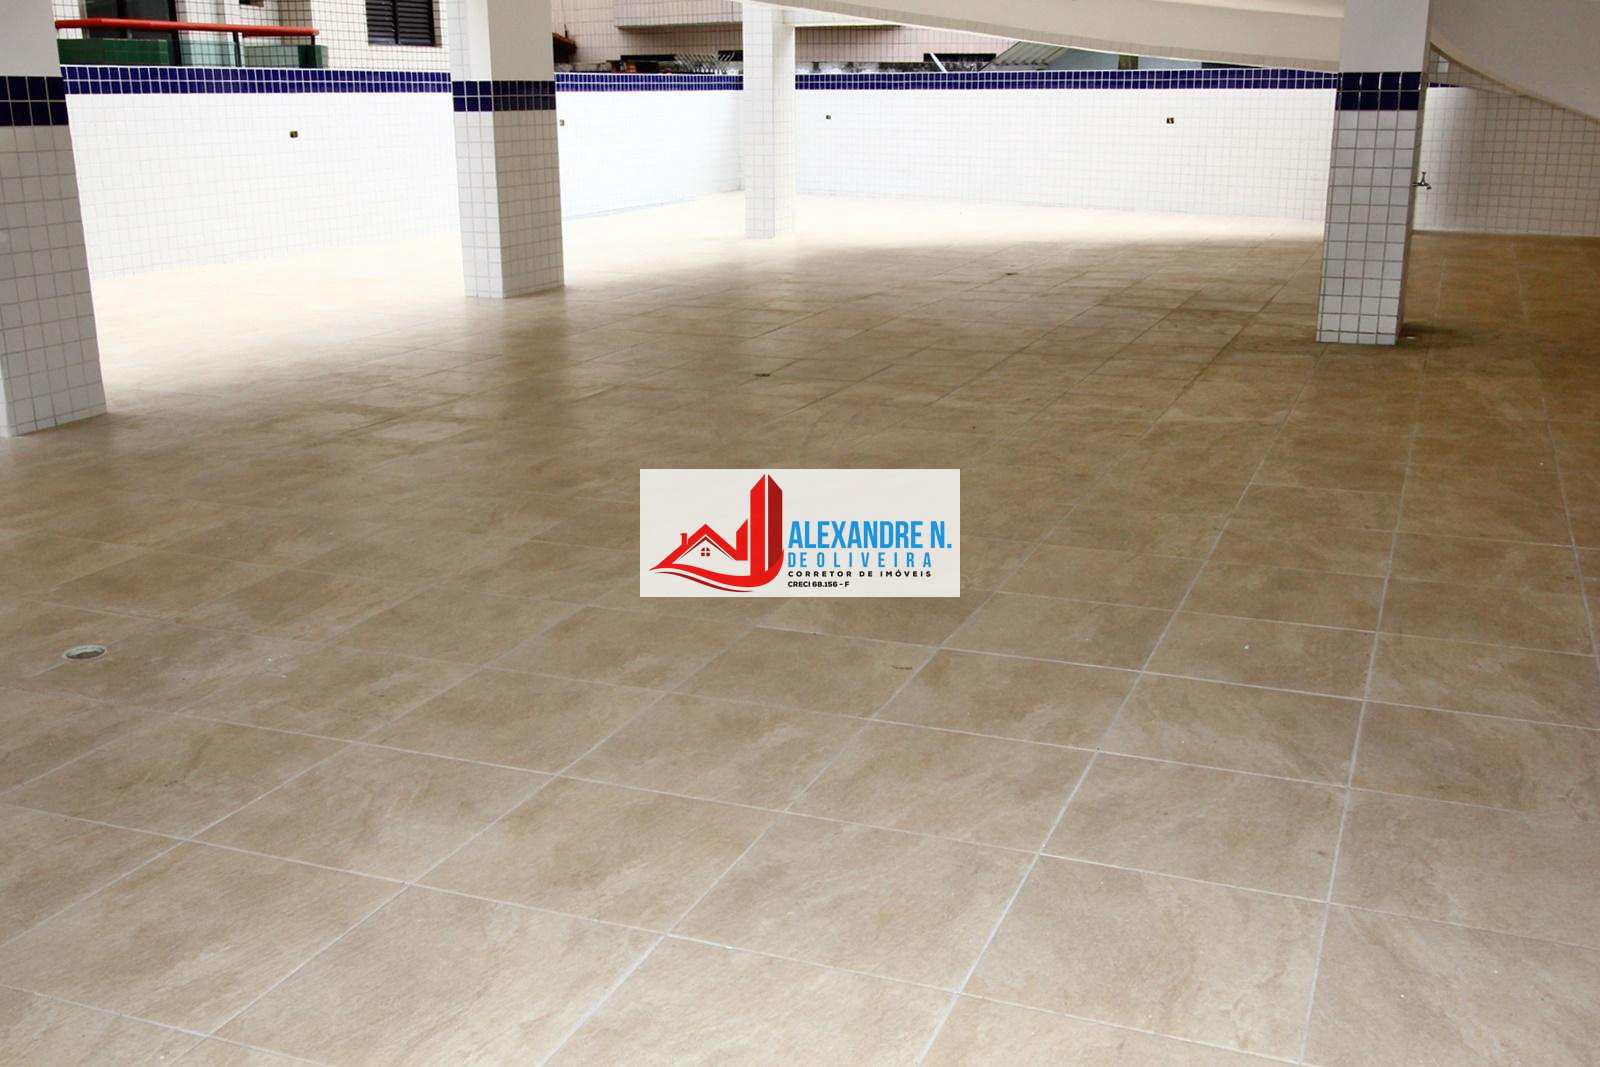 Apartamento 2 dorms, Caiçara, Praia Grande, R$ 356 mil, AP00442